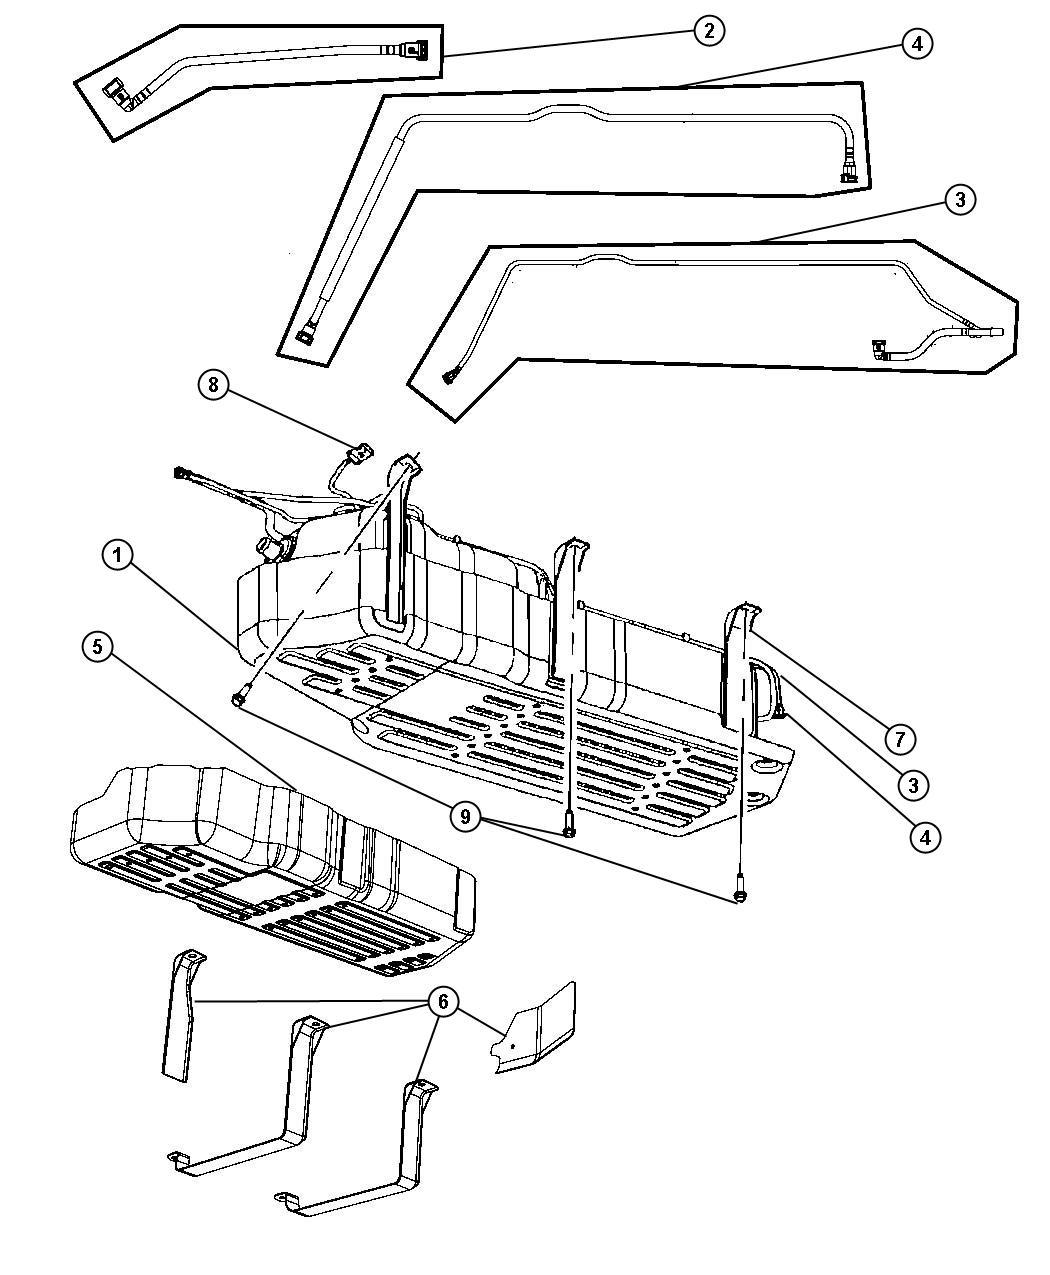 tags: #jeep cj7 wiring diagram#1982 jeep cj7 wiring diagram#jeep cj5 wiring  diagram#1995 jeep yj wiring diagram#1986 jeep cj7 wiring diagram#jeep  electric